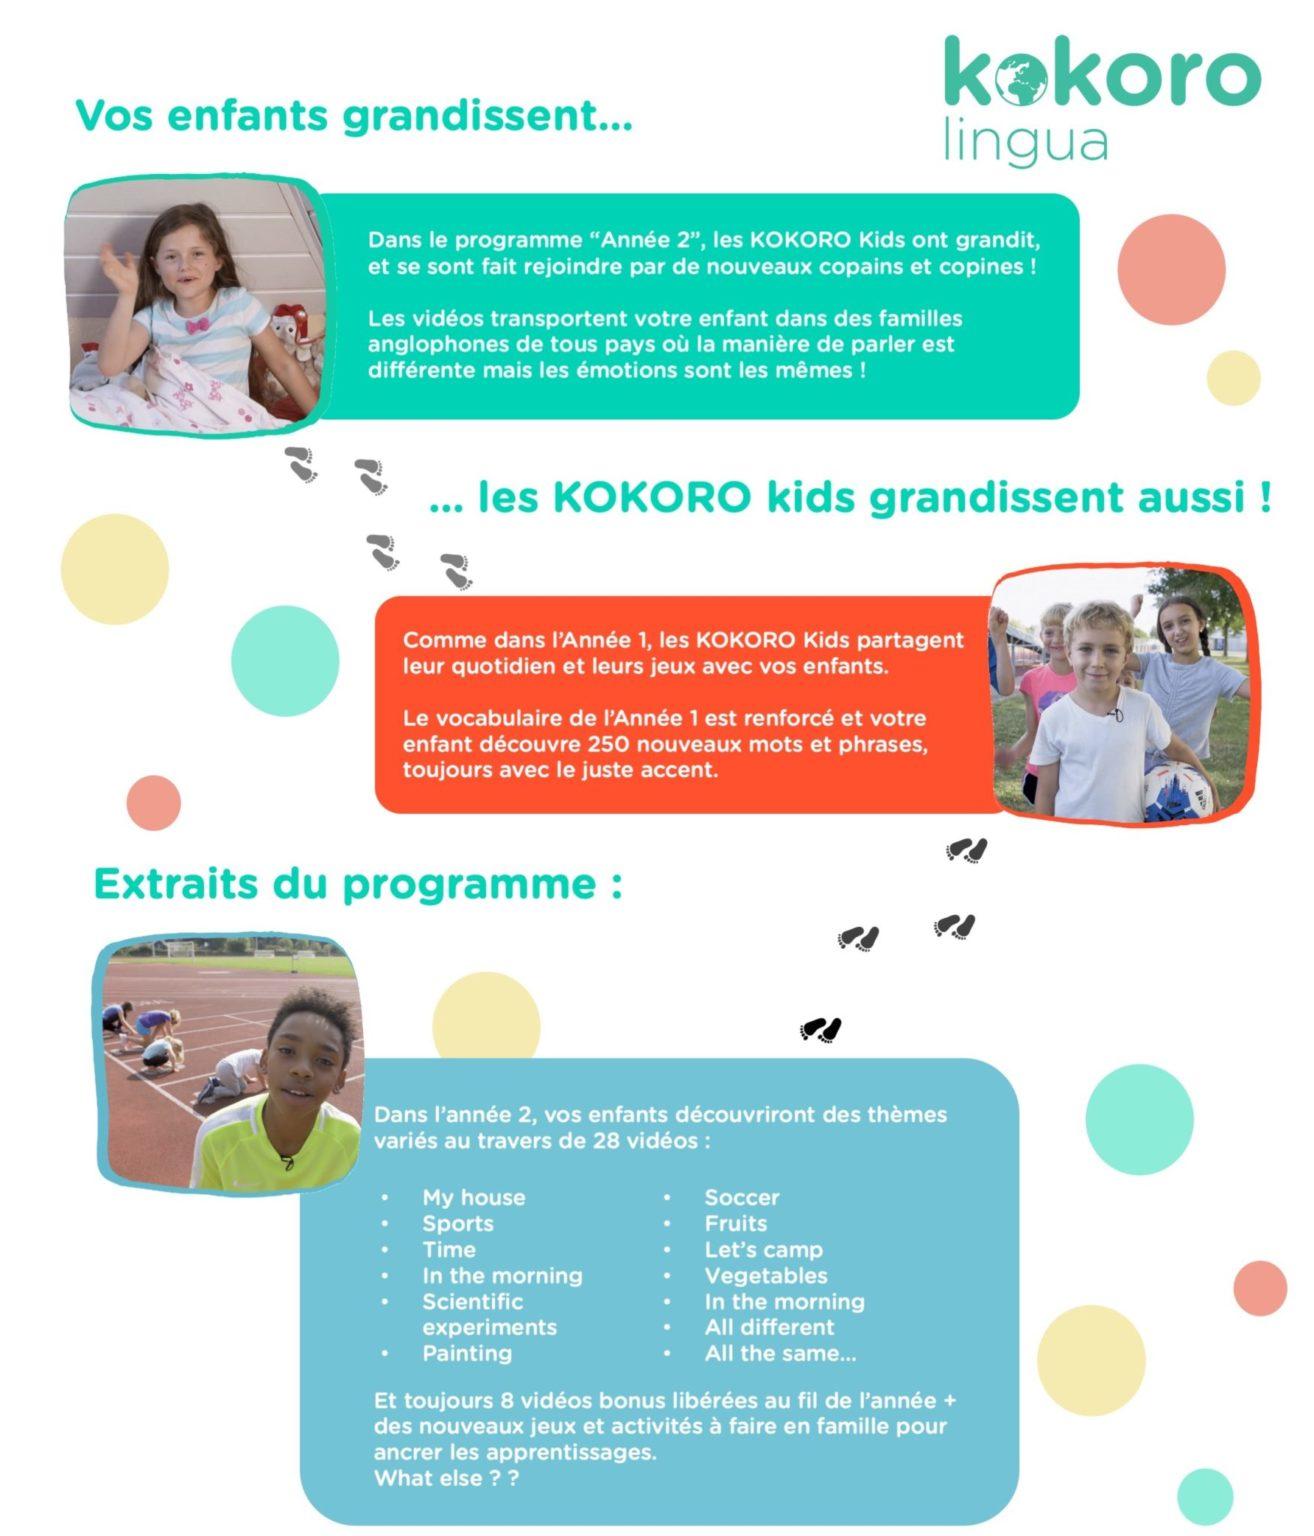 Thèmes de l'année 2 du cours d'anglais pour enfant KOKORO Lingua